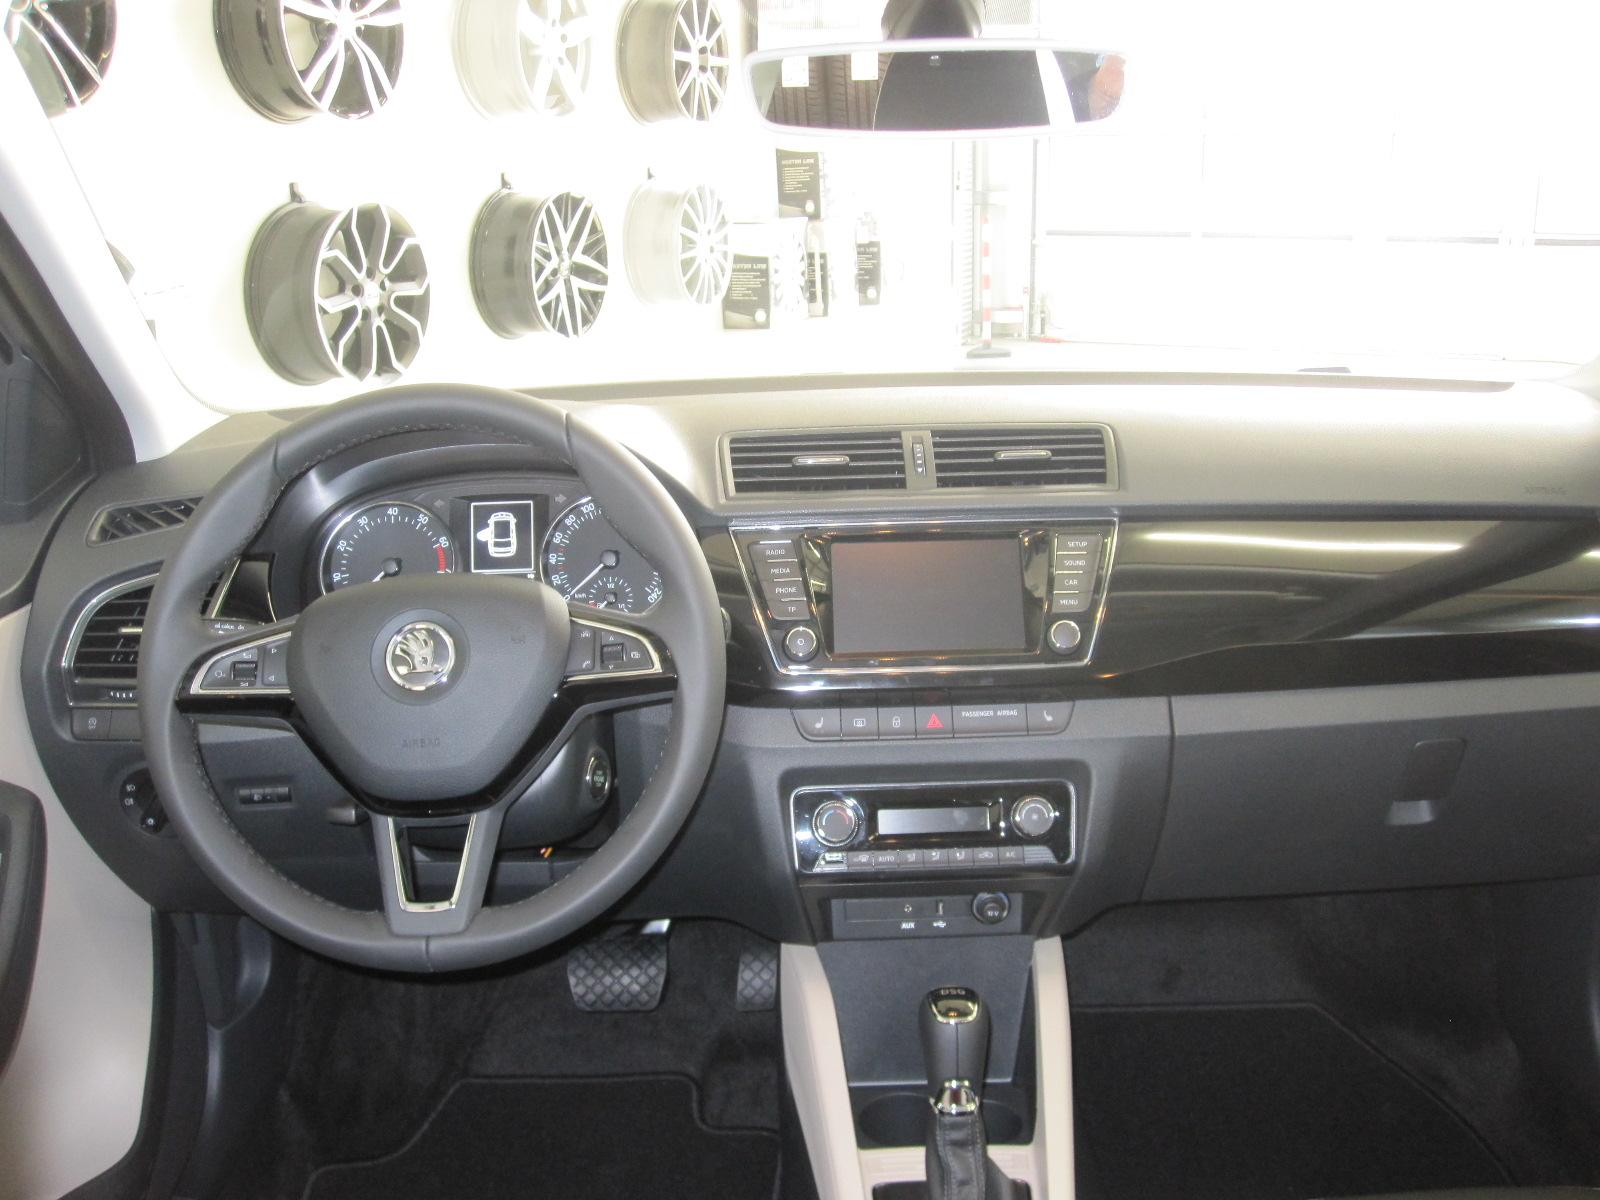 Skoda Fabia bi Ambition 1 0 TSI 110 PS Klima Radio 6 x Airbag